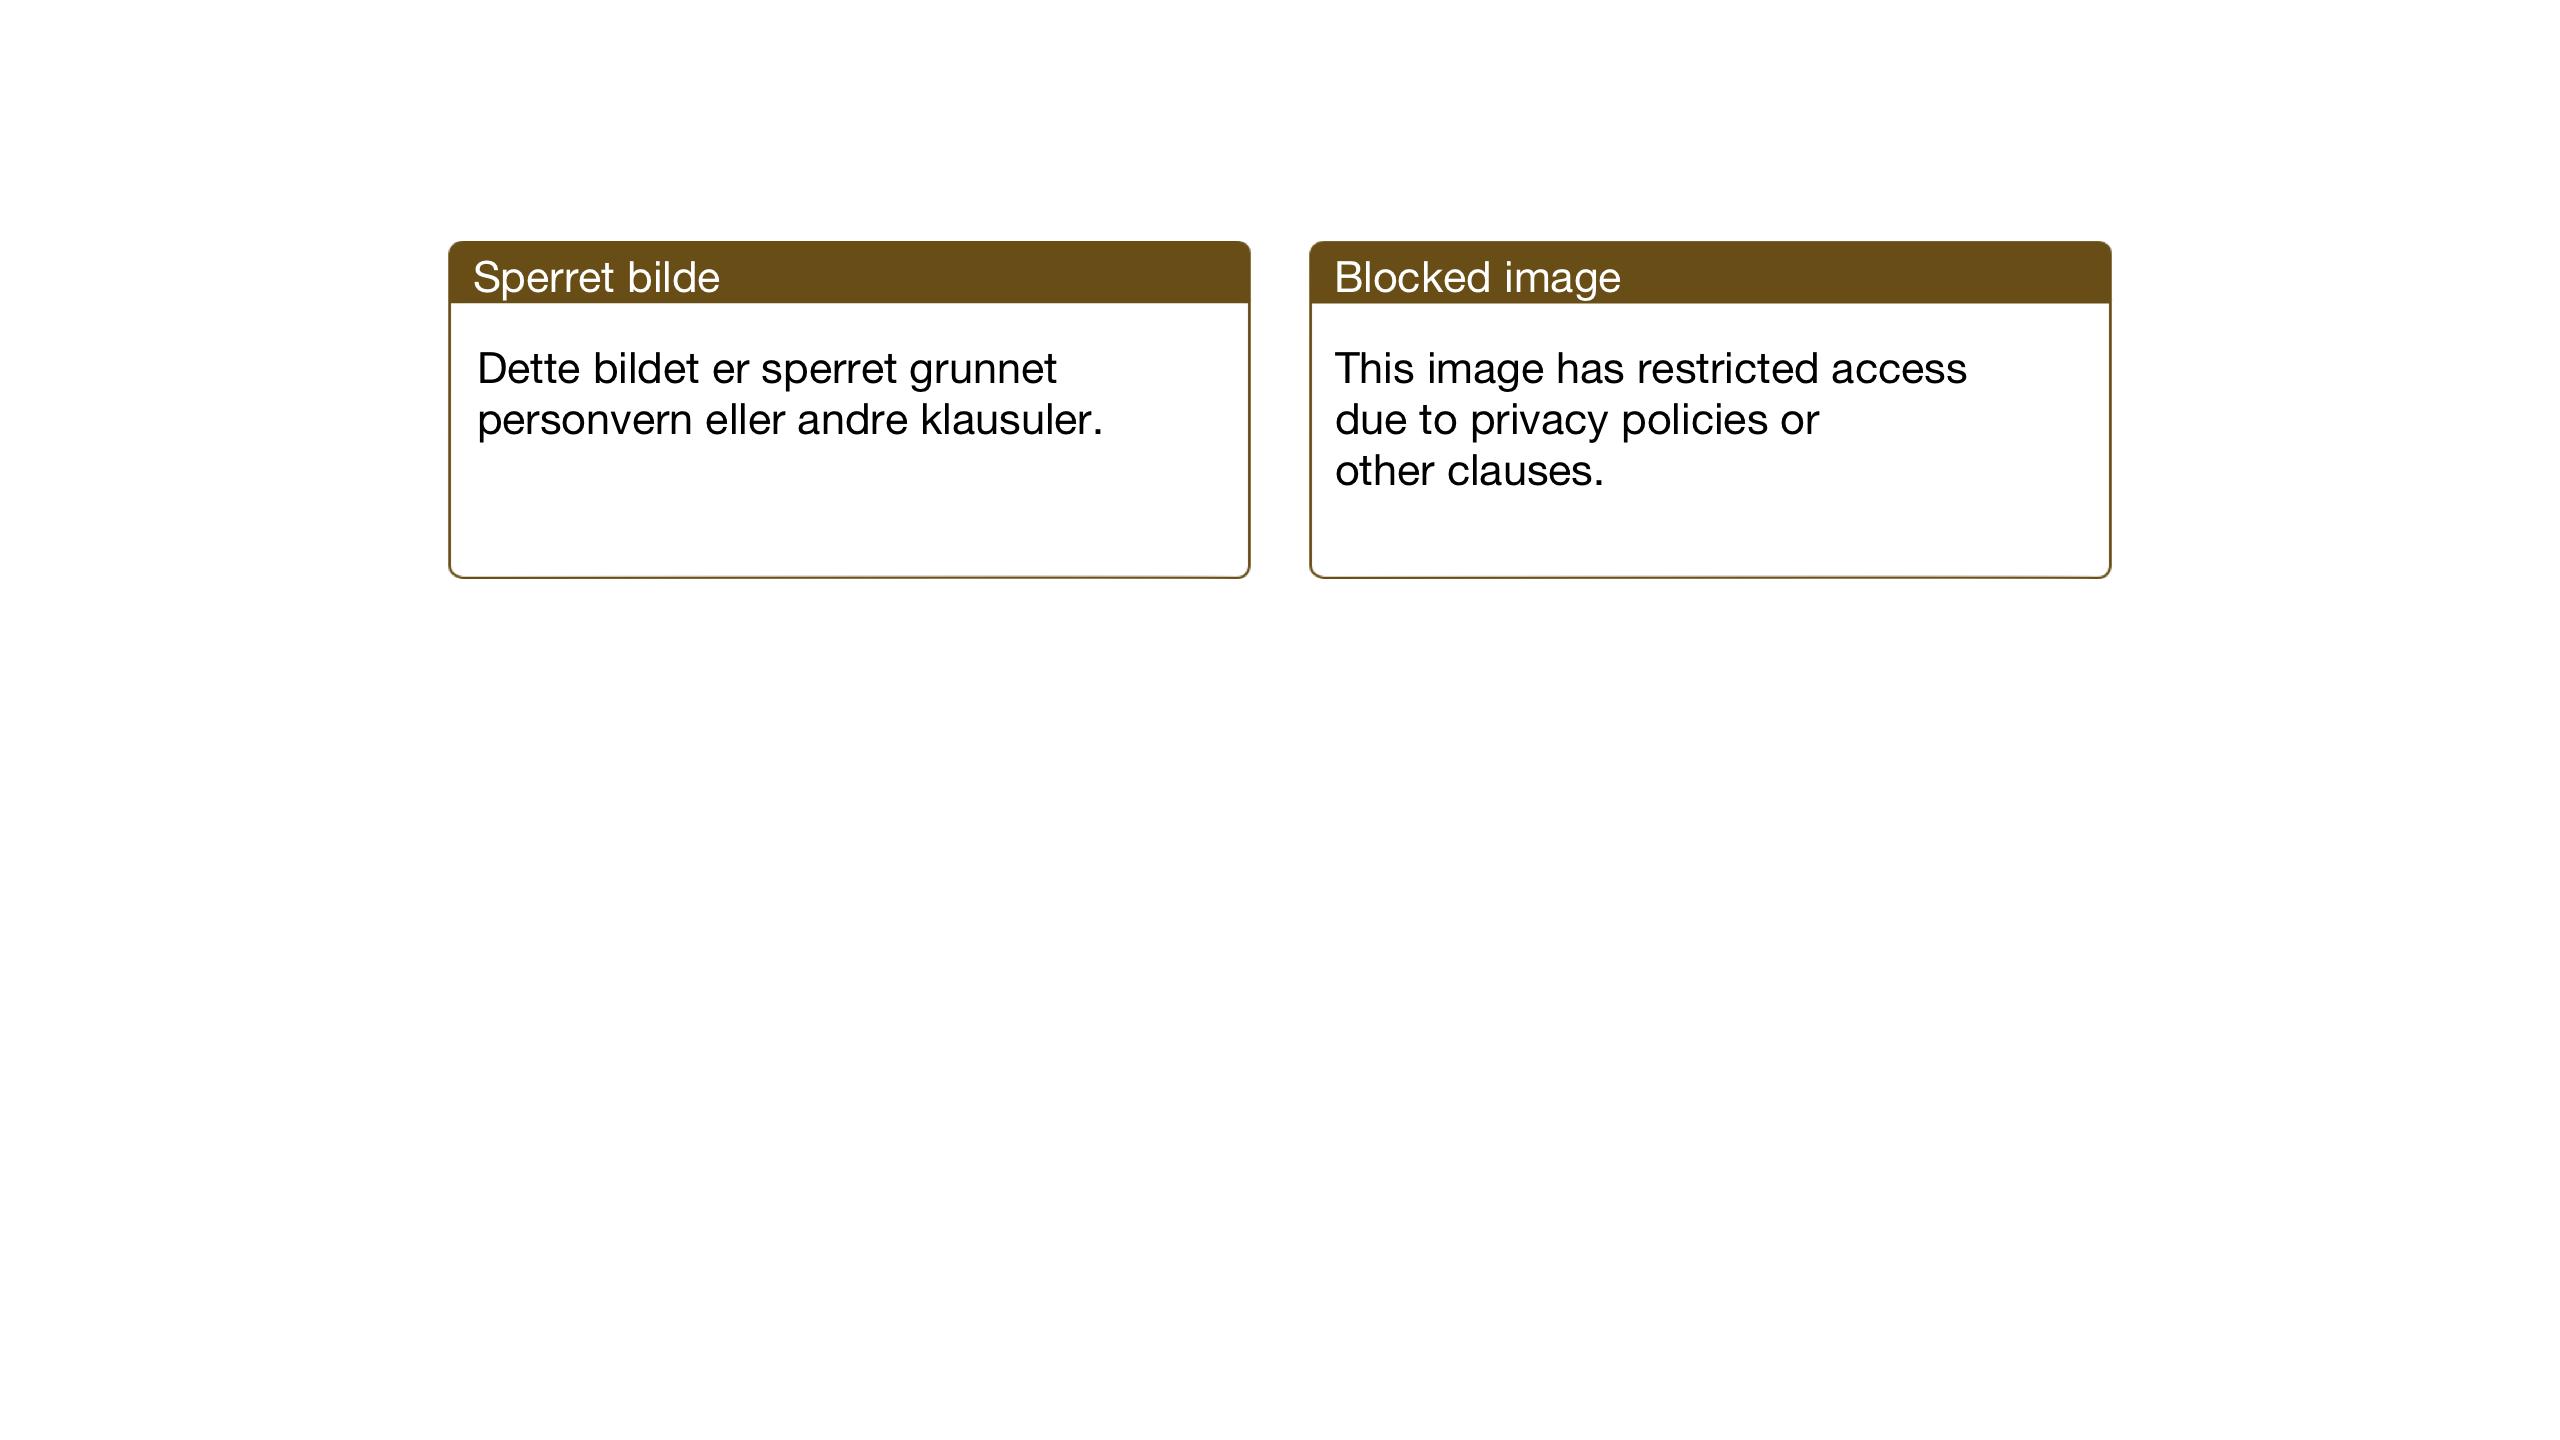 SAT, Ministerialprotokoller, klokkerbøker og fødselsregistre - Sør-Trøndelag, 681/L0944: Klokkerbok nr. 681C08, 1926-1954, s. 56